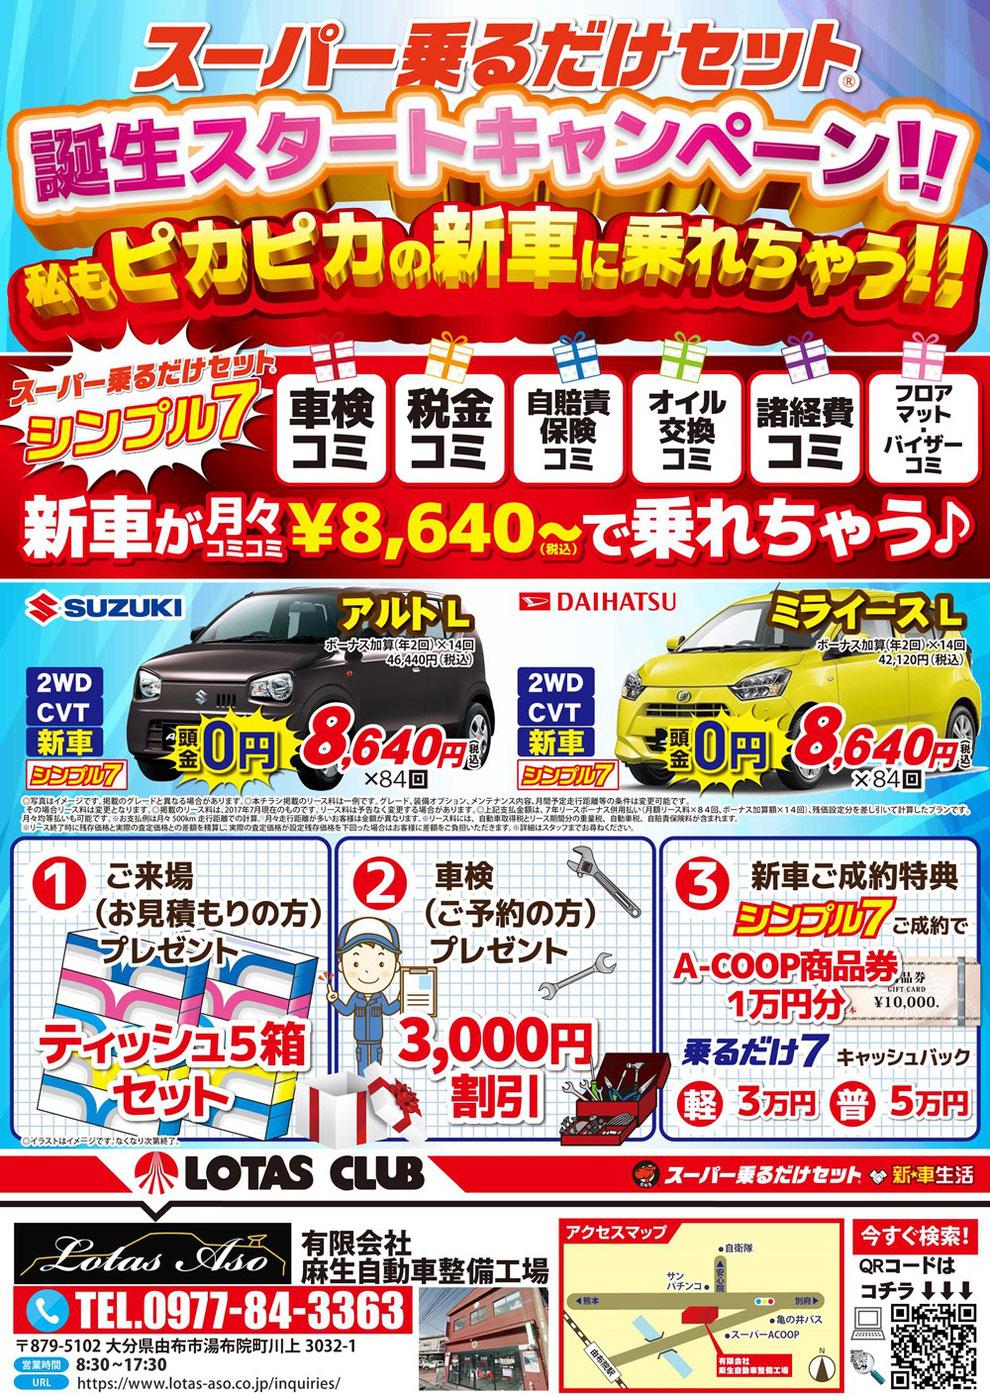 ロータス麻生の「スーパー乗るだけセット」誕生スタートキャンペーン!!